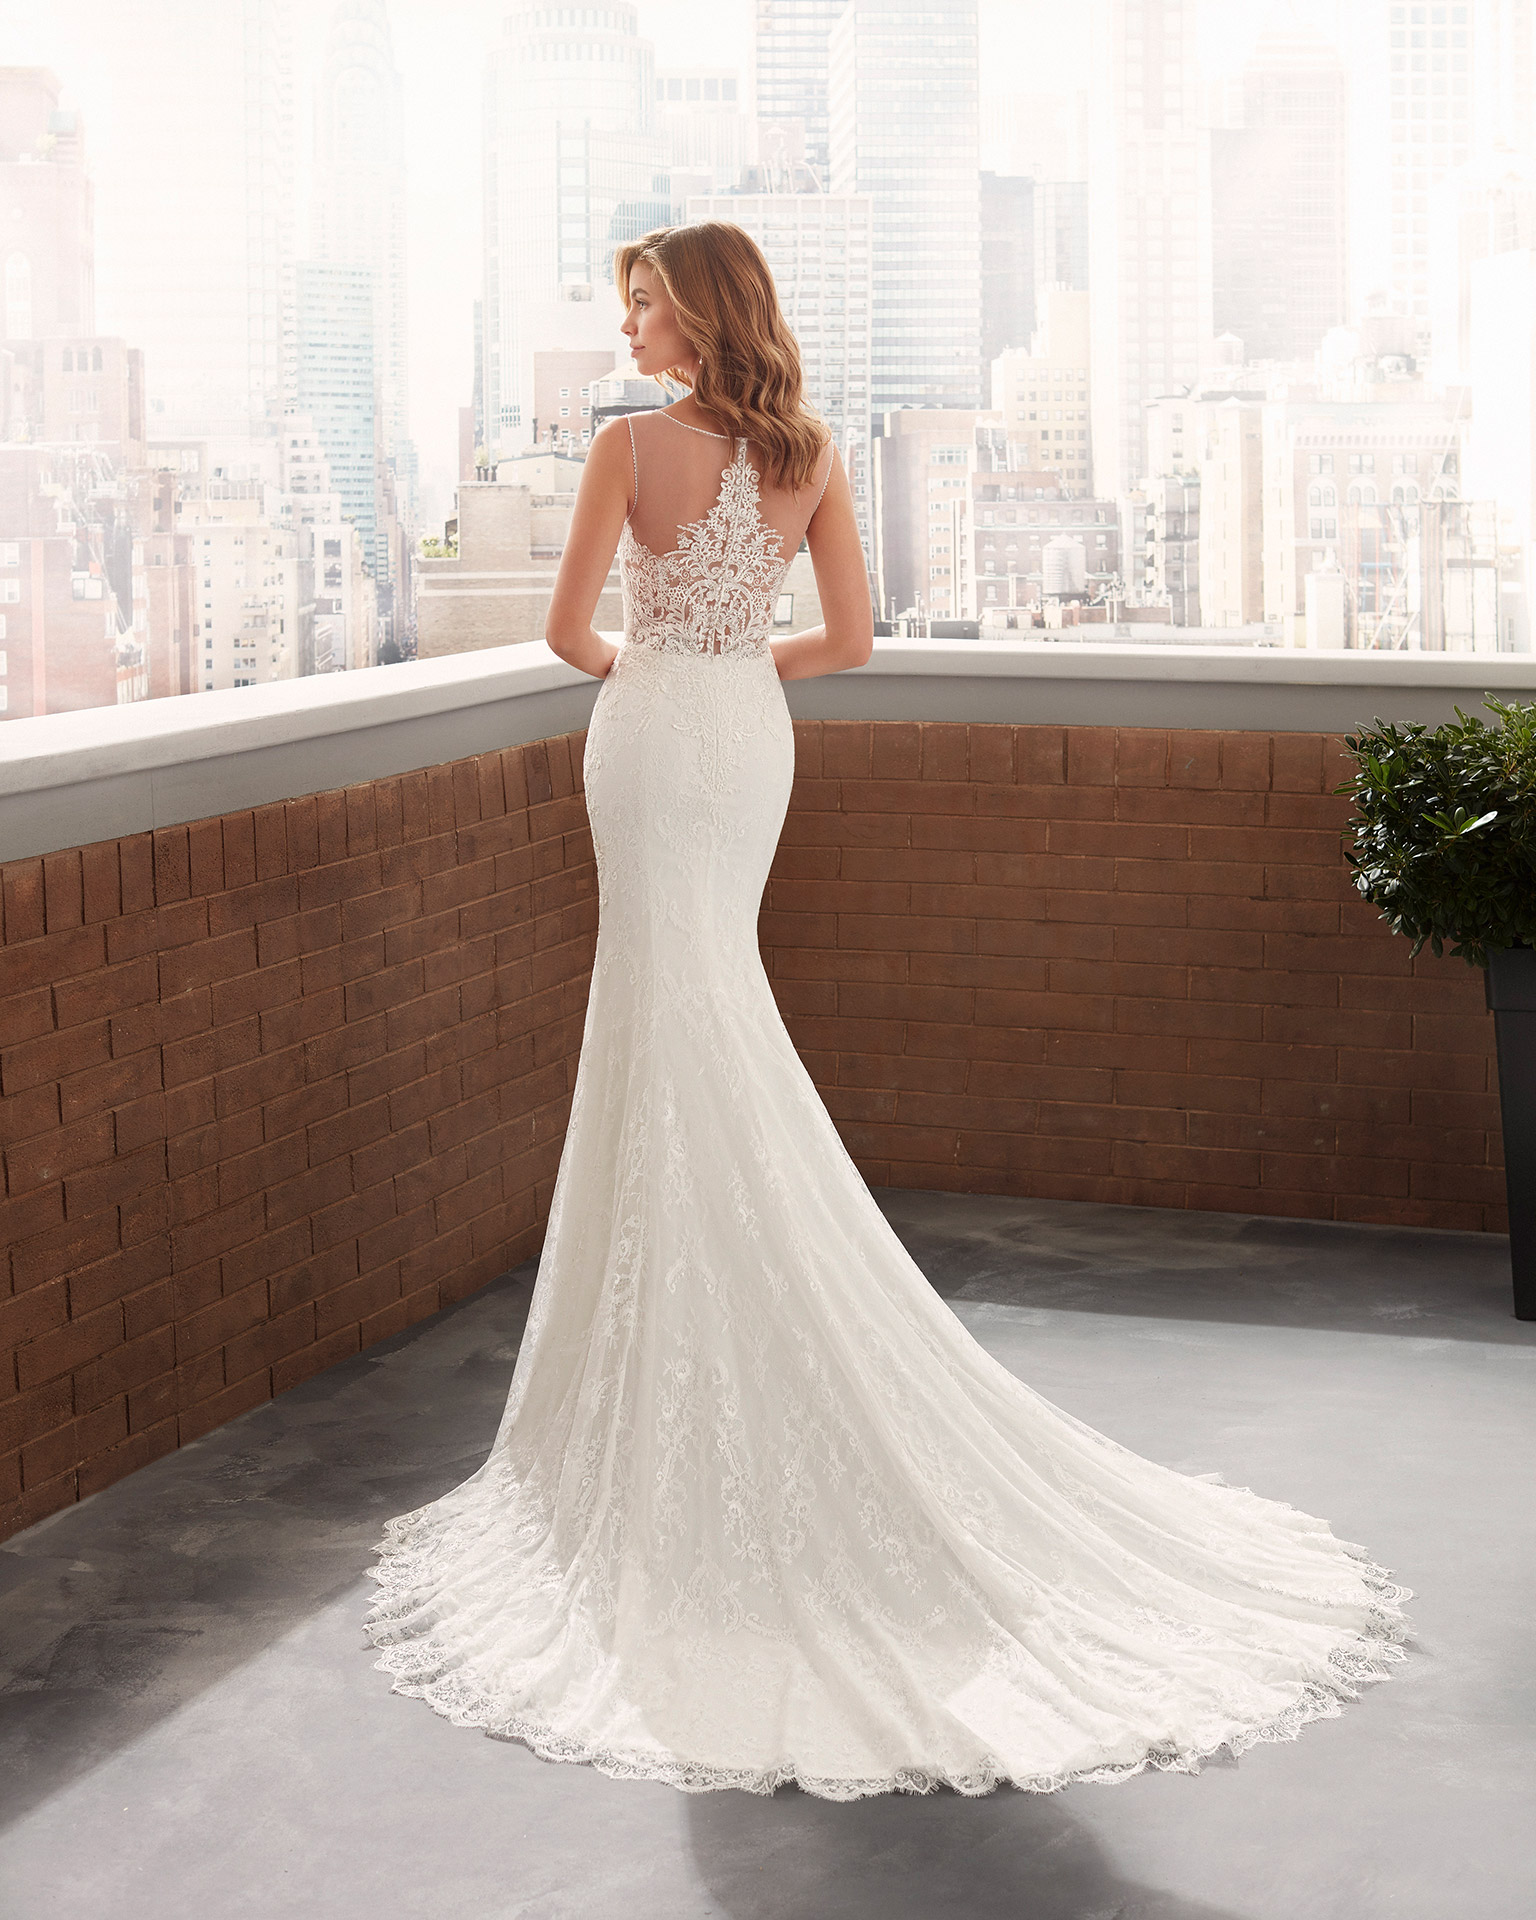 Vestido de novia corte sirena de crep elástico y forro moldeador de encaje con escote y sisa de pedrería, escote deep-plunge y espalda ilusión. Colección  2020.